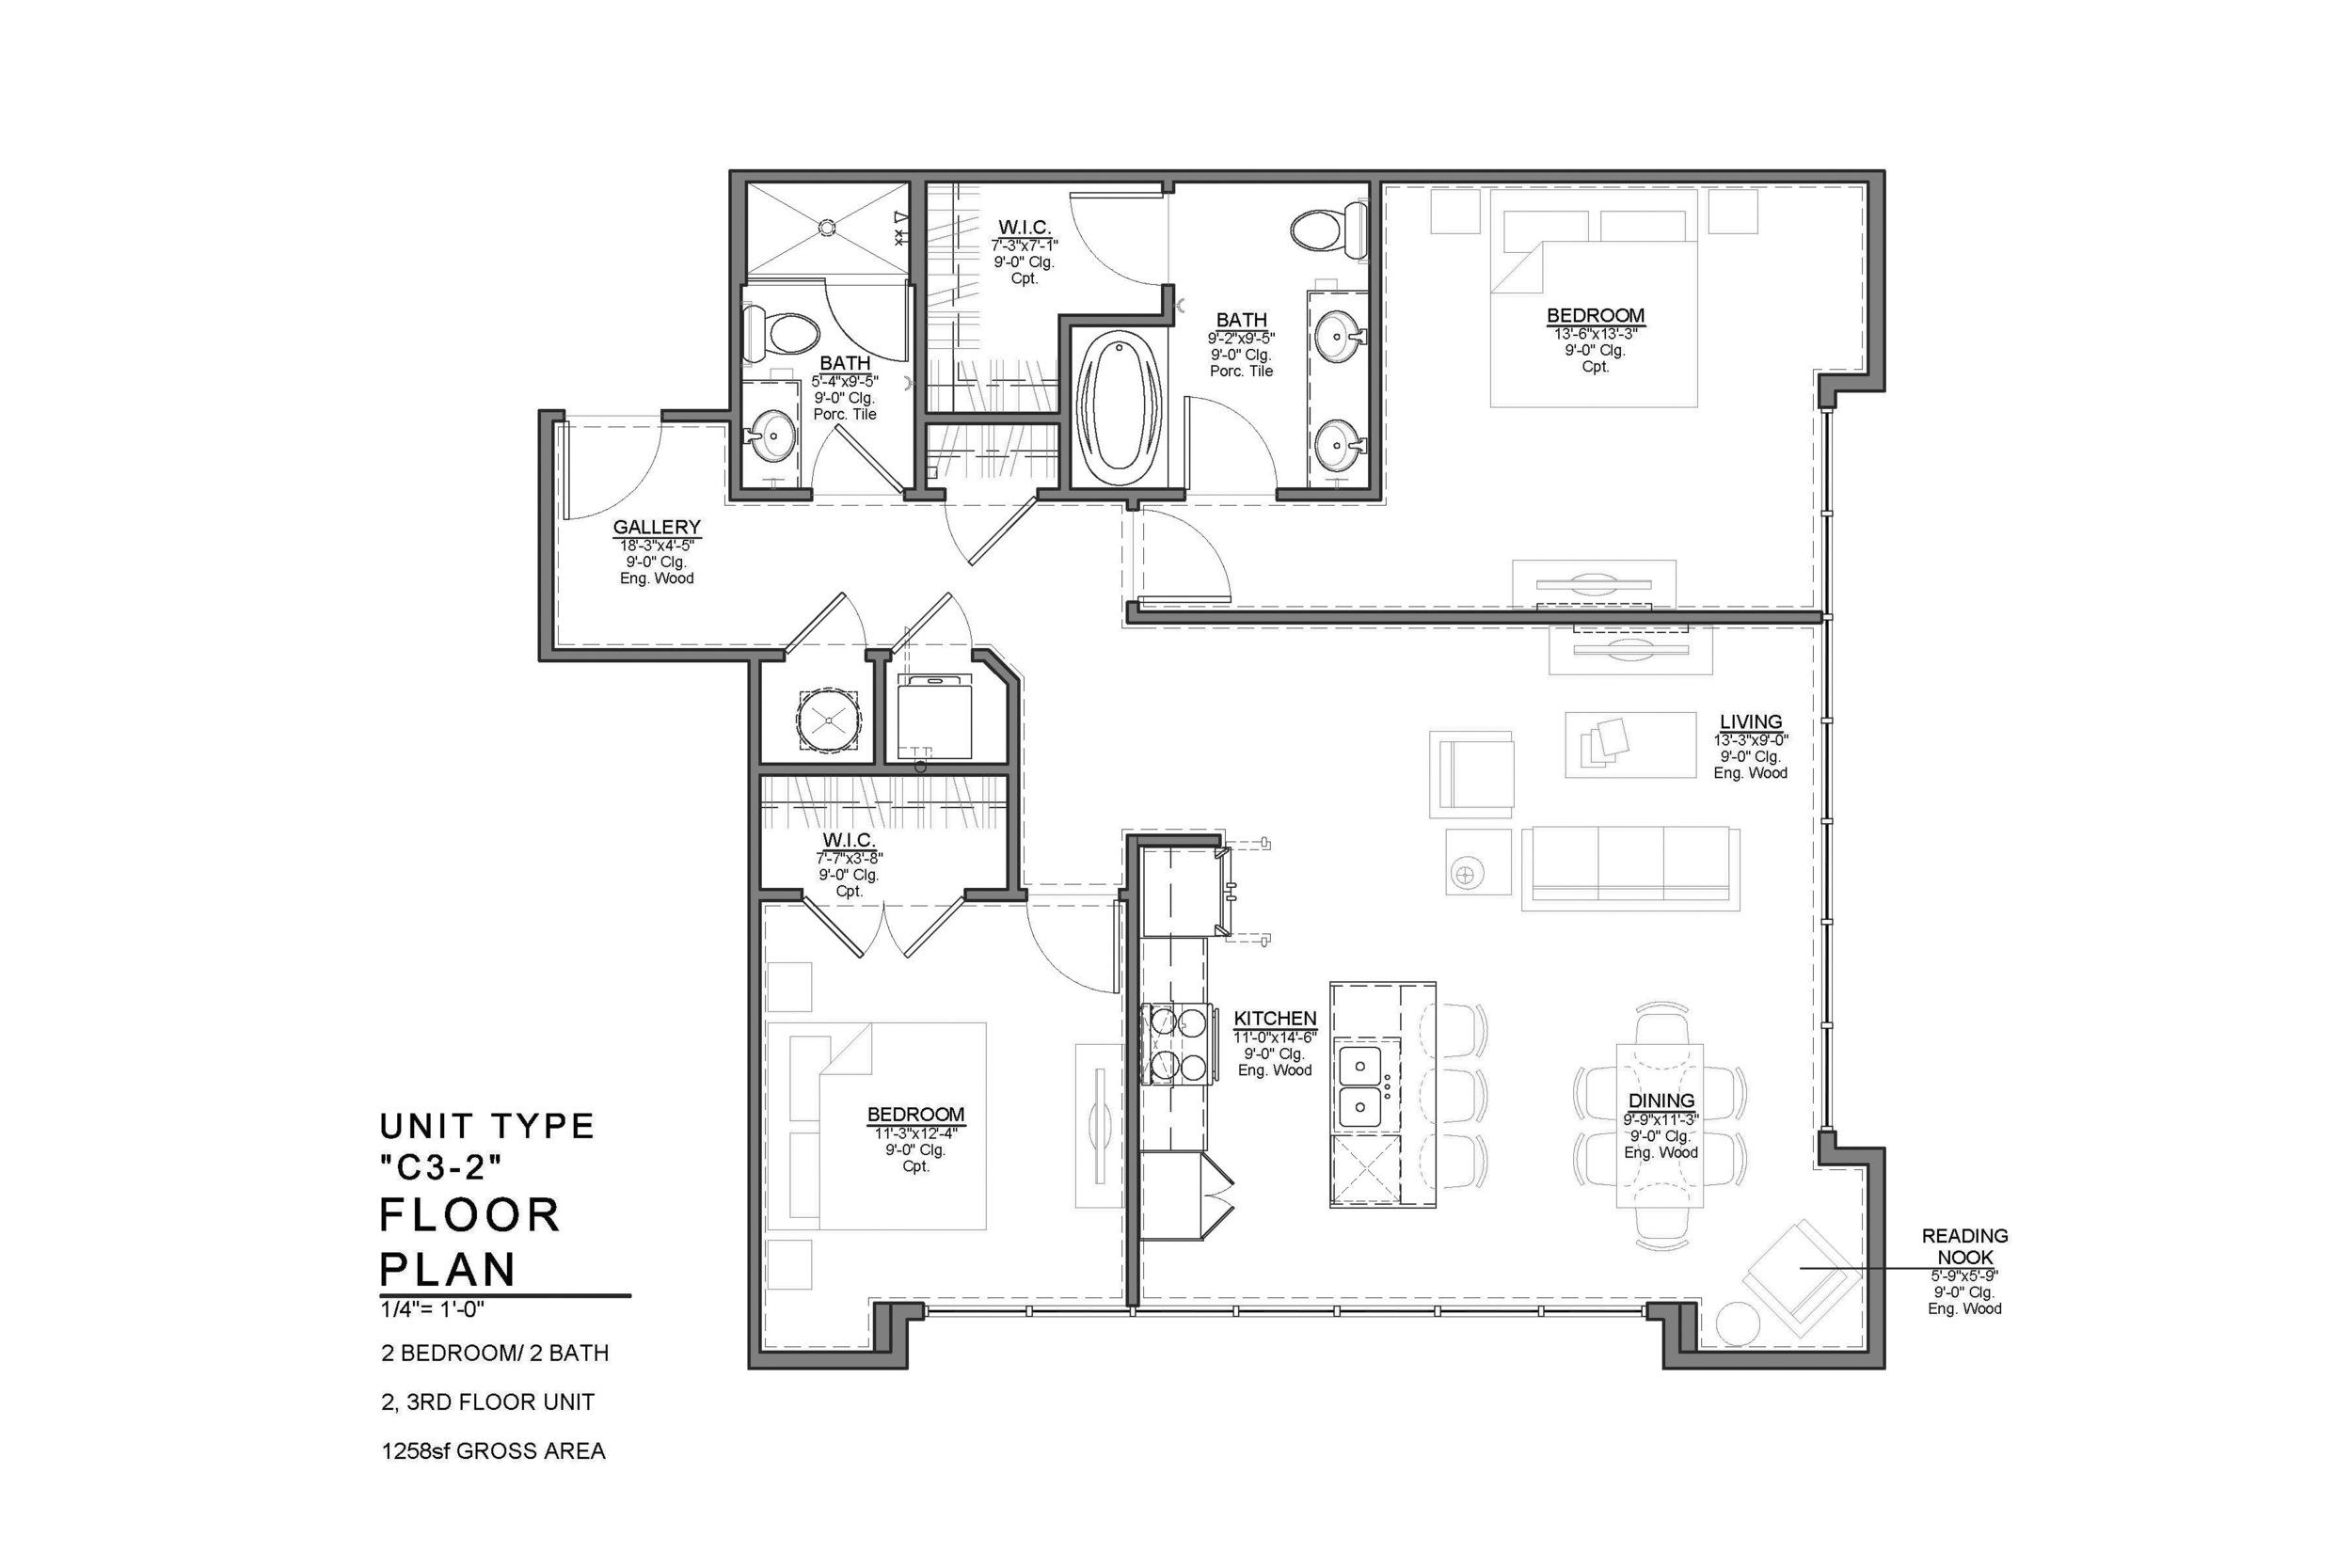 C3-2 FLOOR PLAN: 2 BEDROOM / 2 BATH